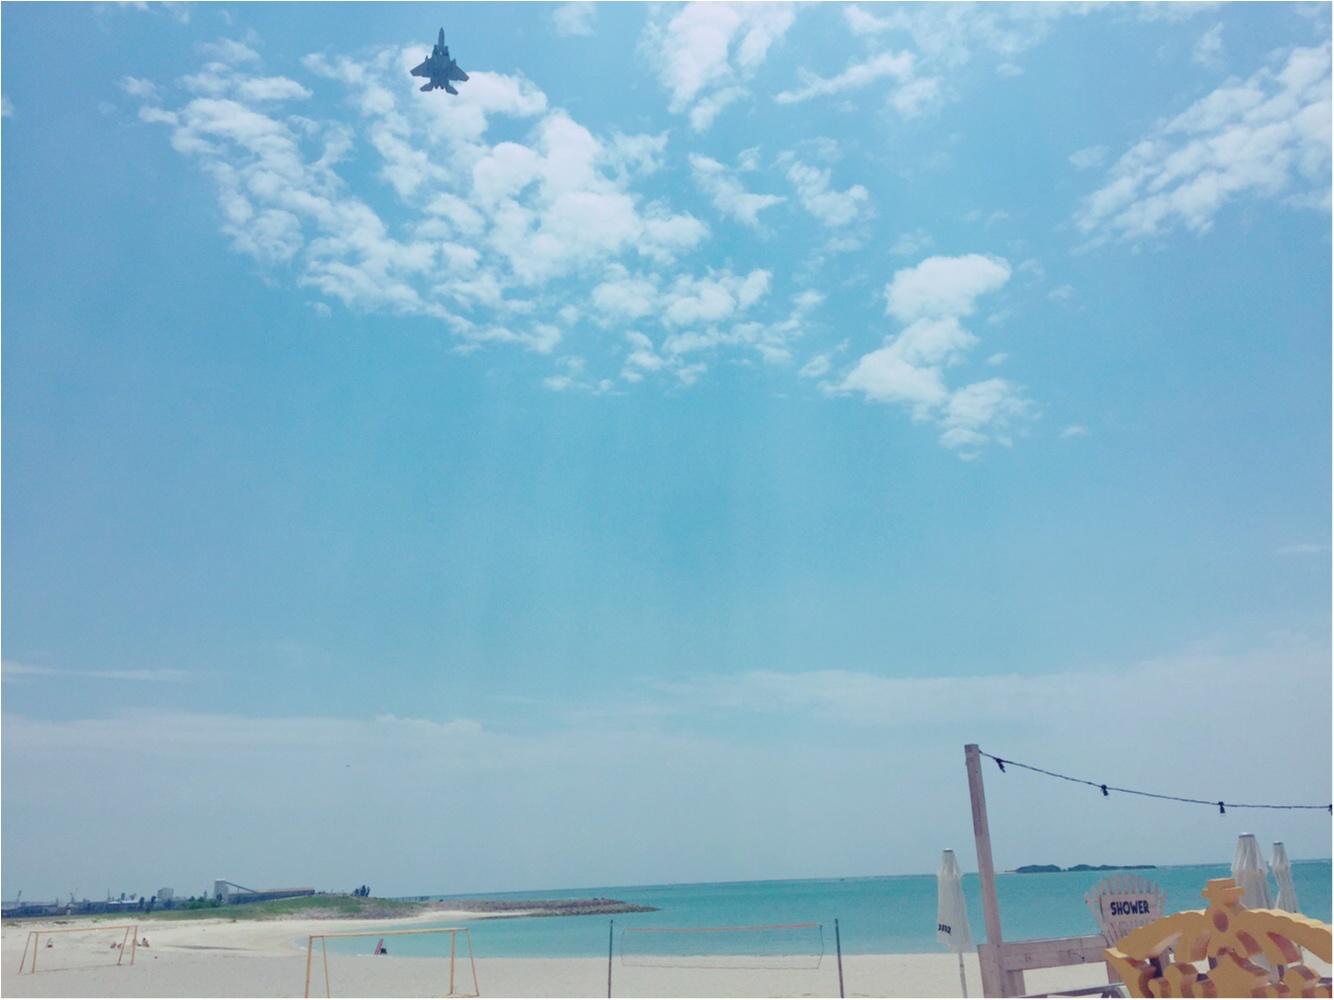 【沖縄女子旅】沖縄旅行!本島のBEACHはどこへ行く?迷ったら空港近くのココがおすすめ♡!_2